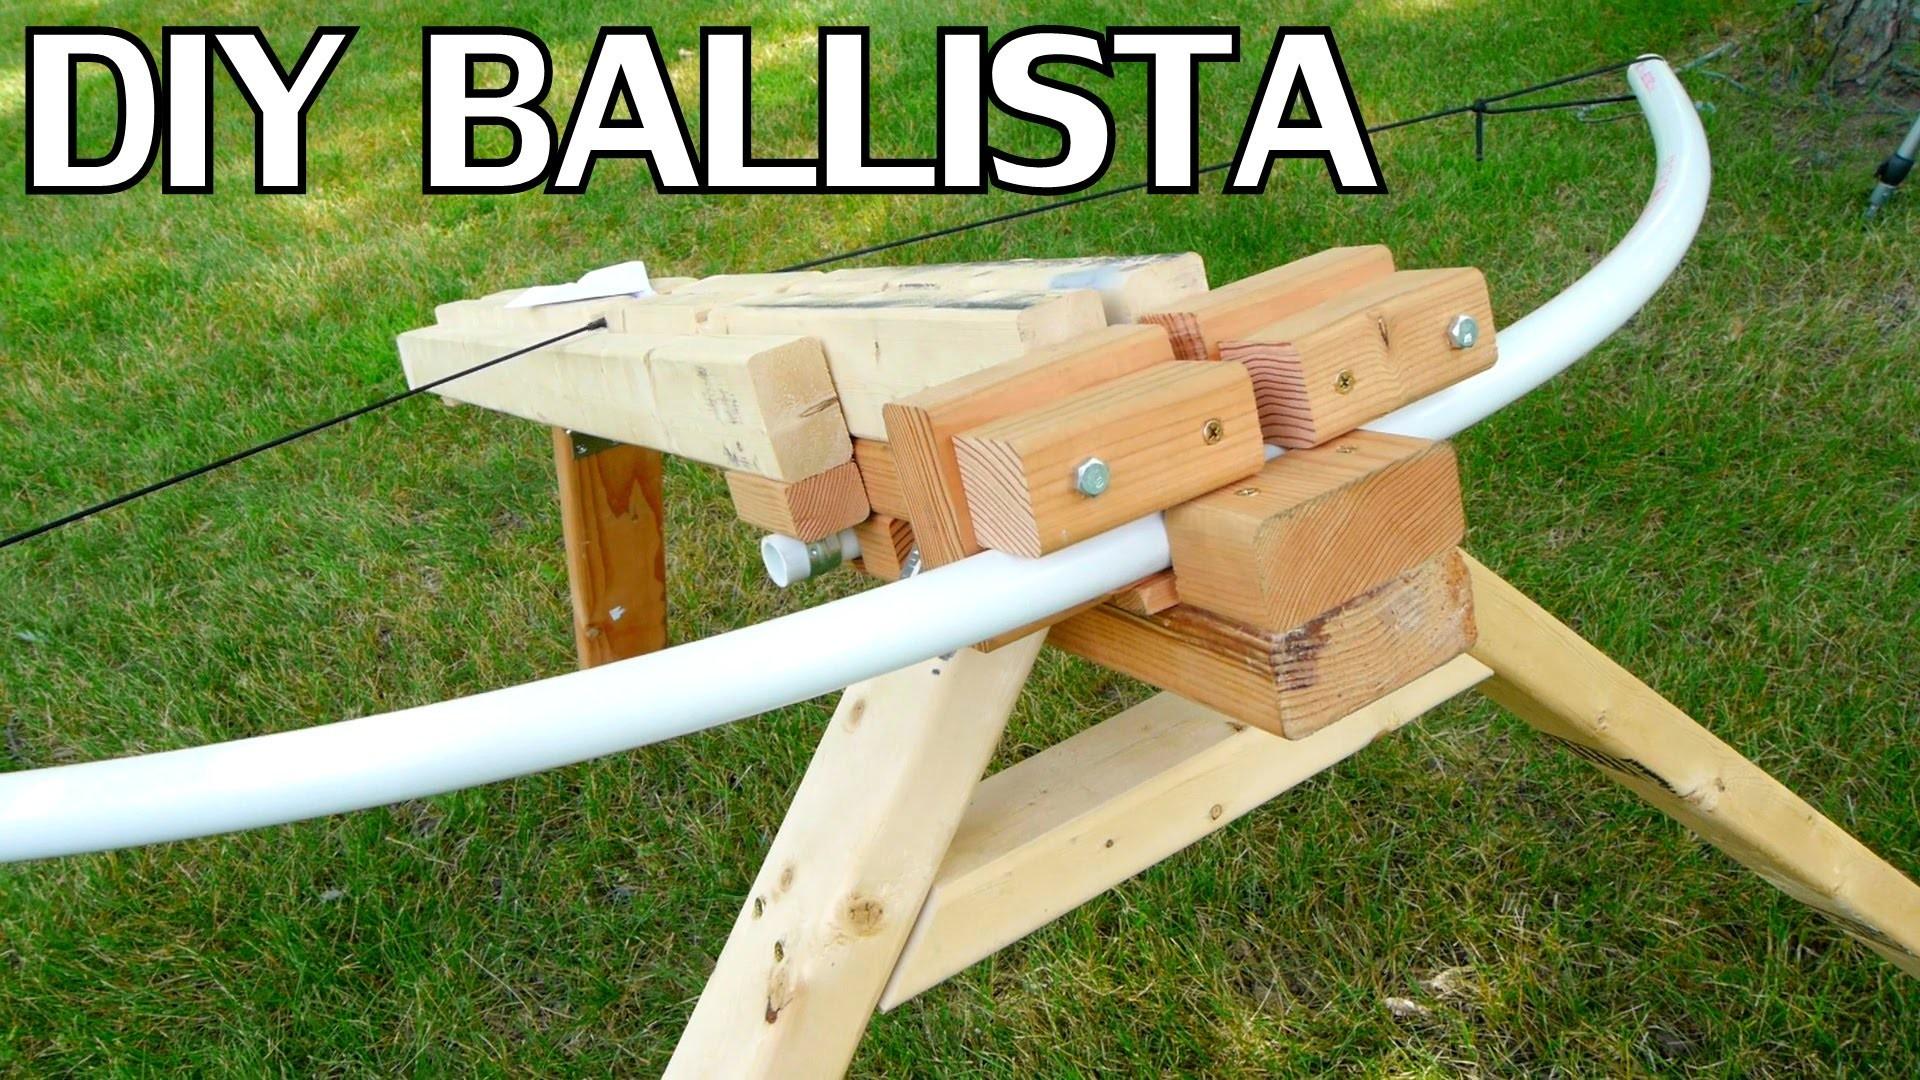 DIY Paper Airplane Ballista